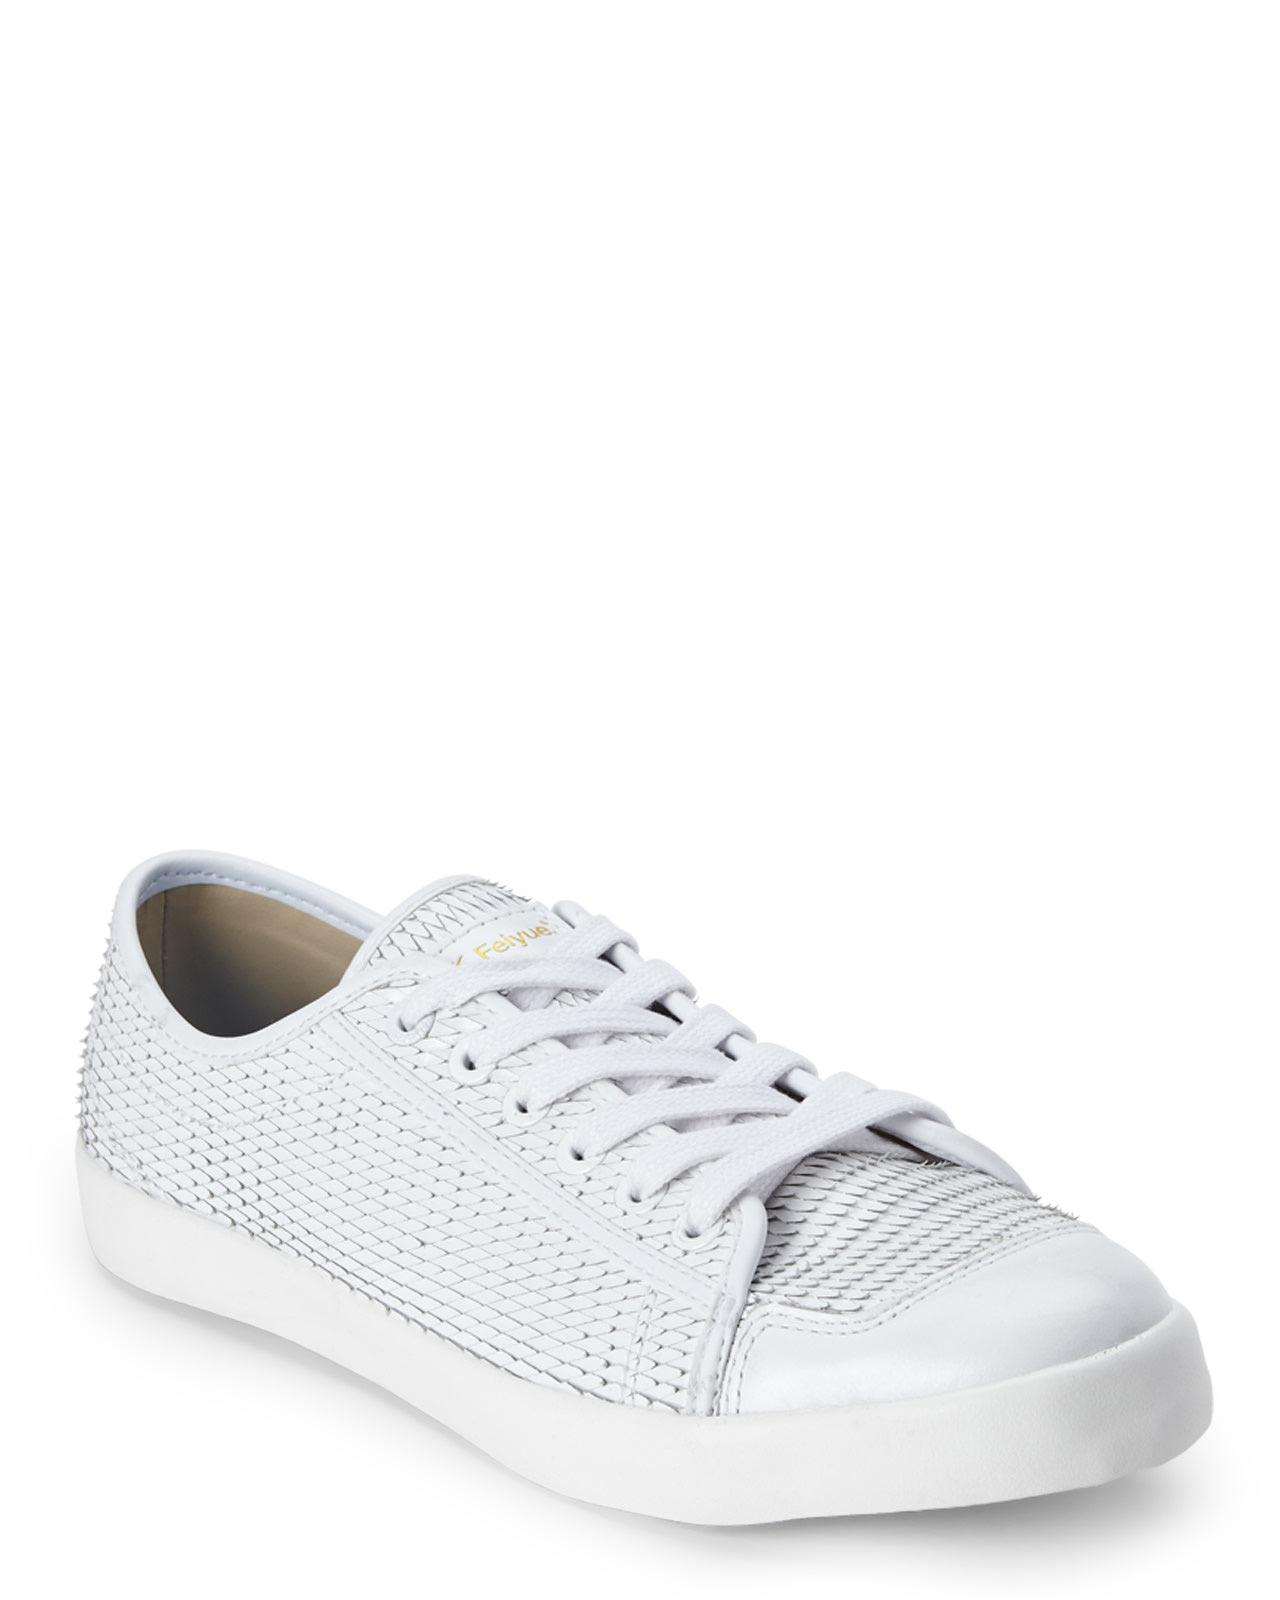 Feiyue Shoes White